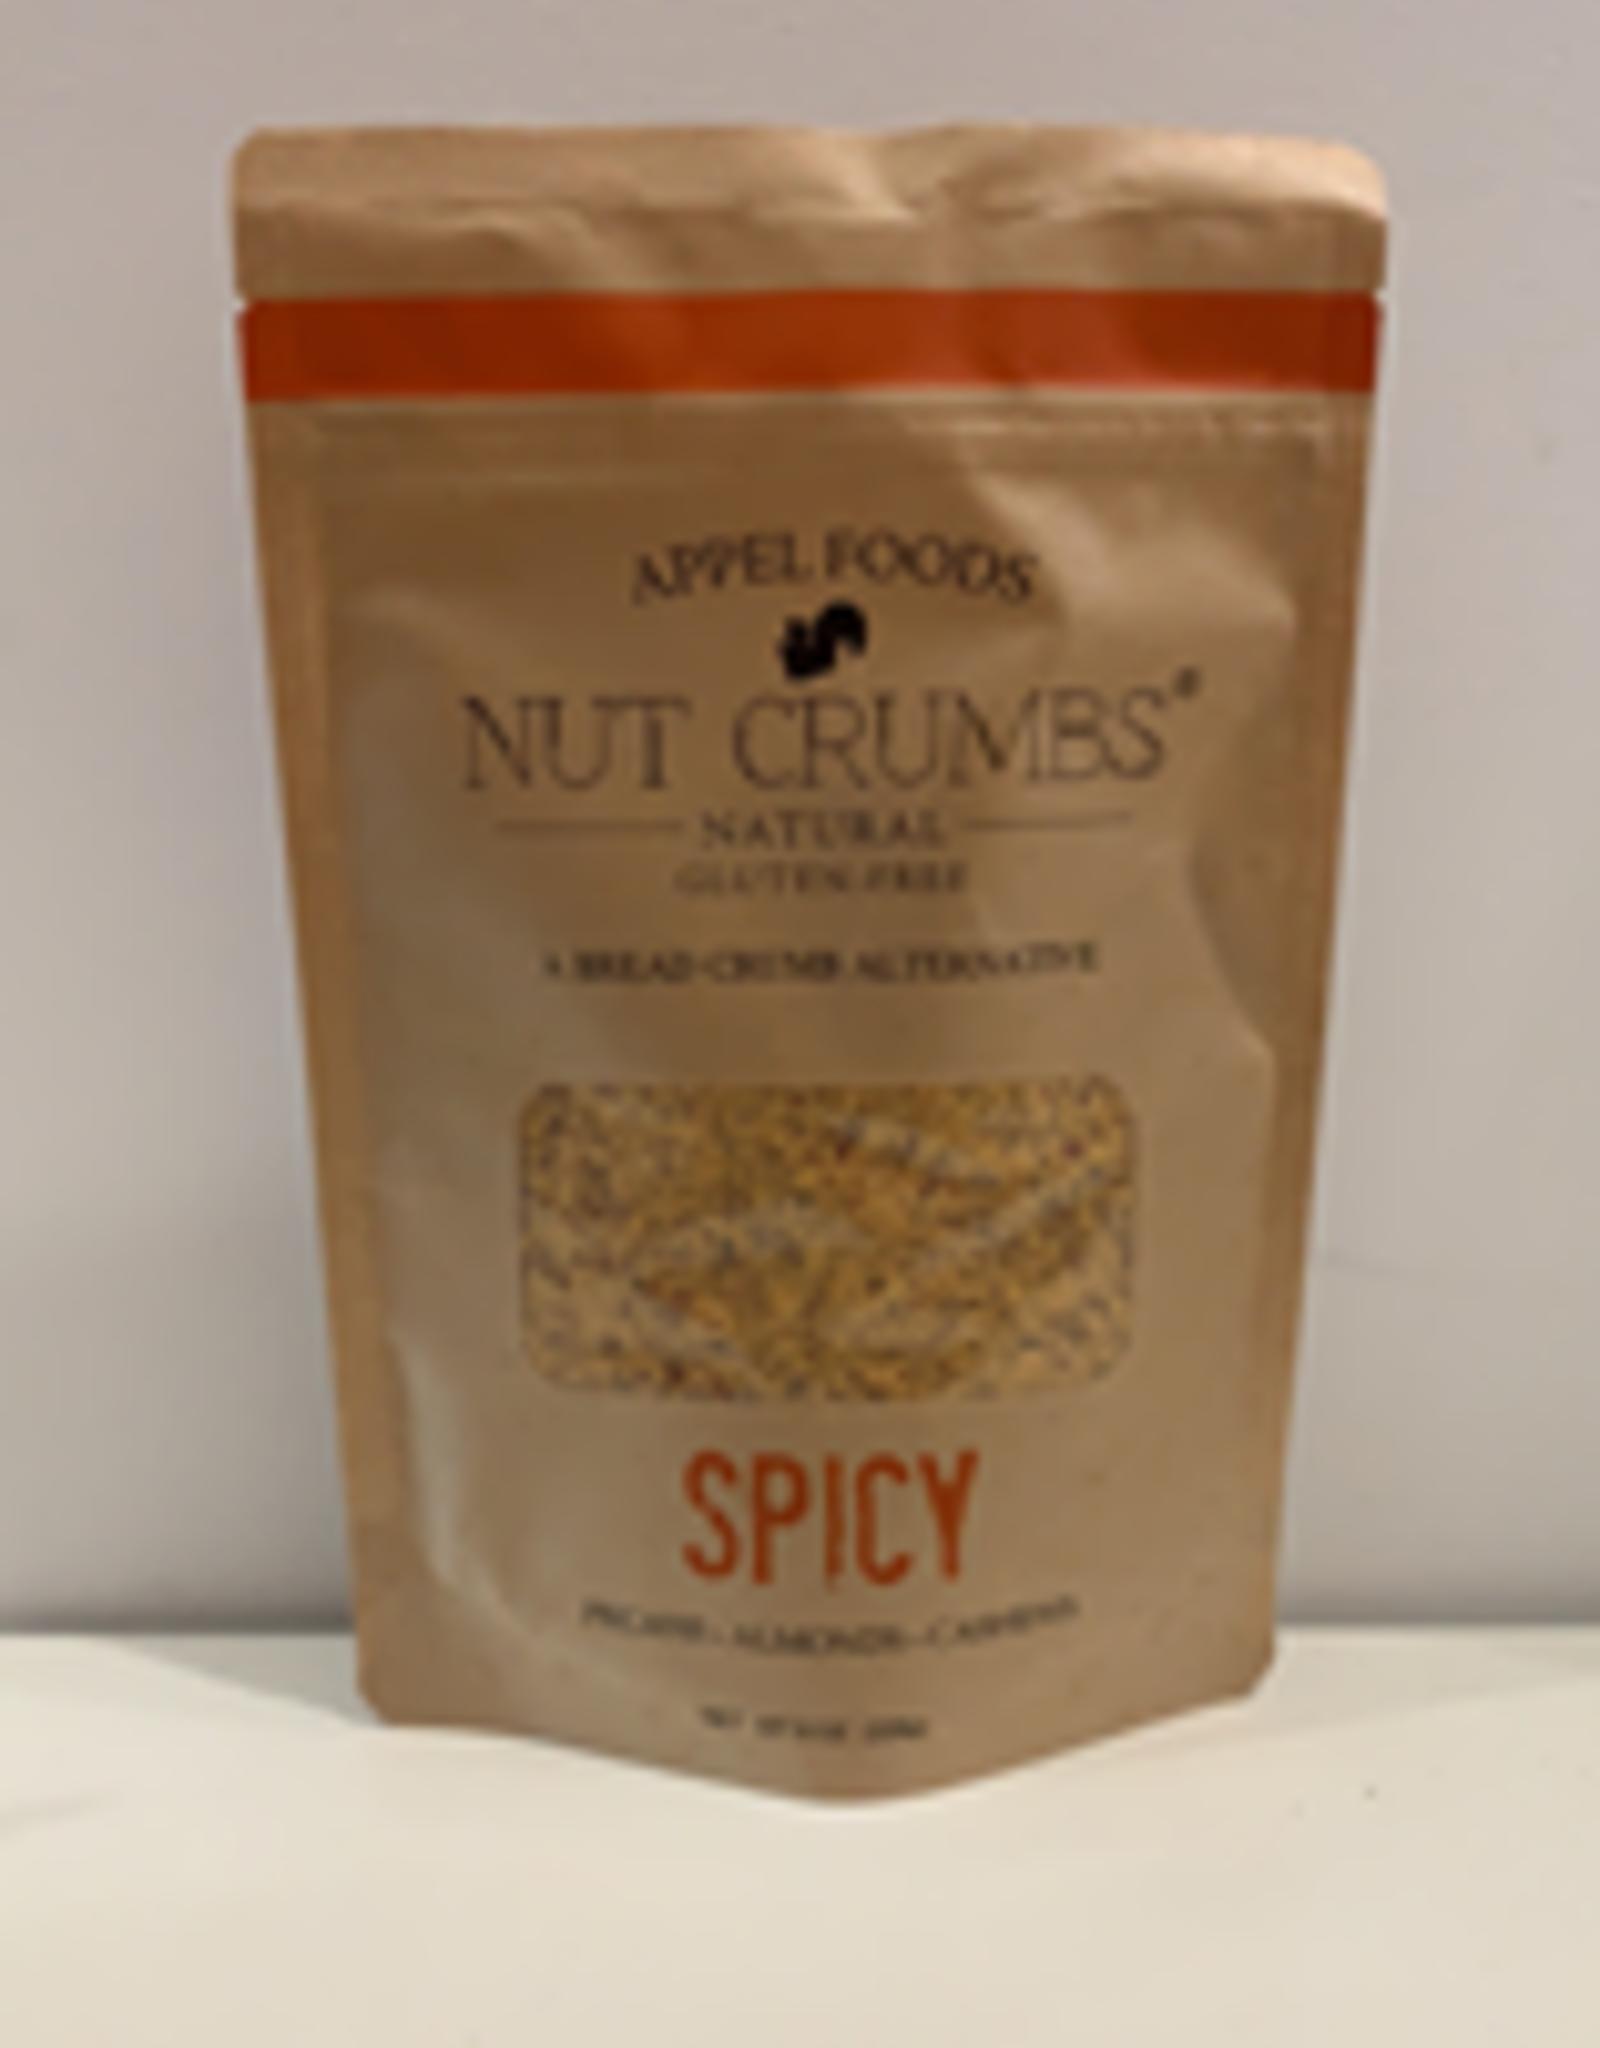 Appel Foods Nut Crumbs - Spicy, 226g